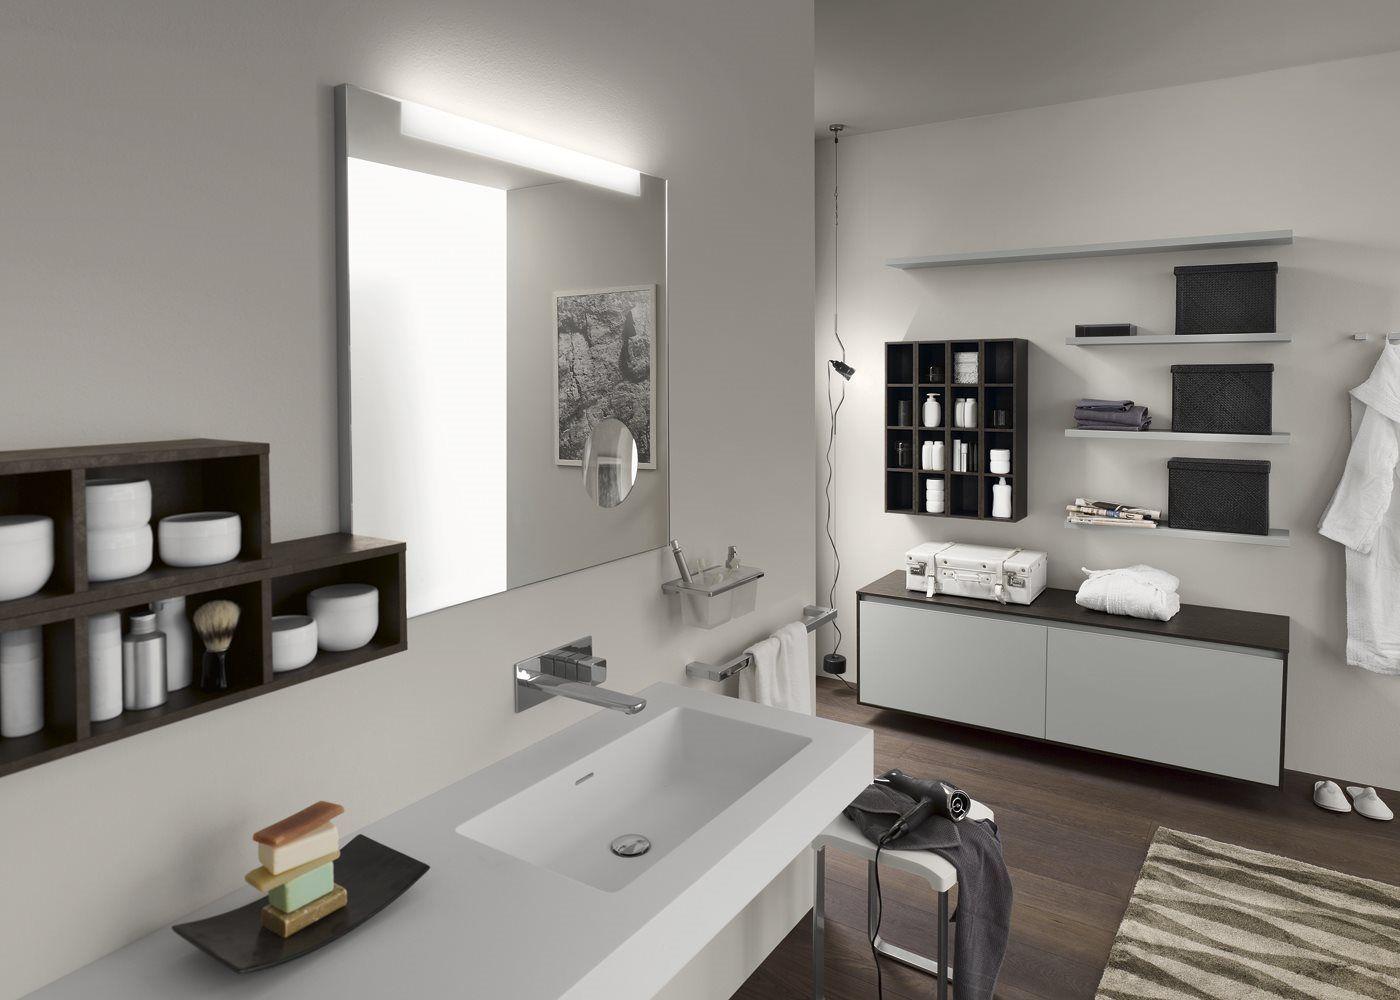 Meuble pour salle de bain / meuble sous vasque perfetto  ...